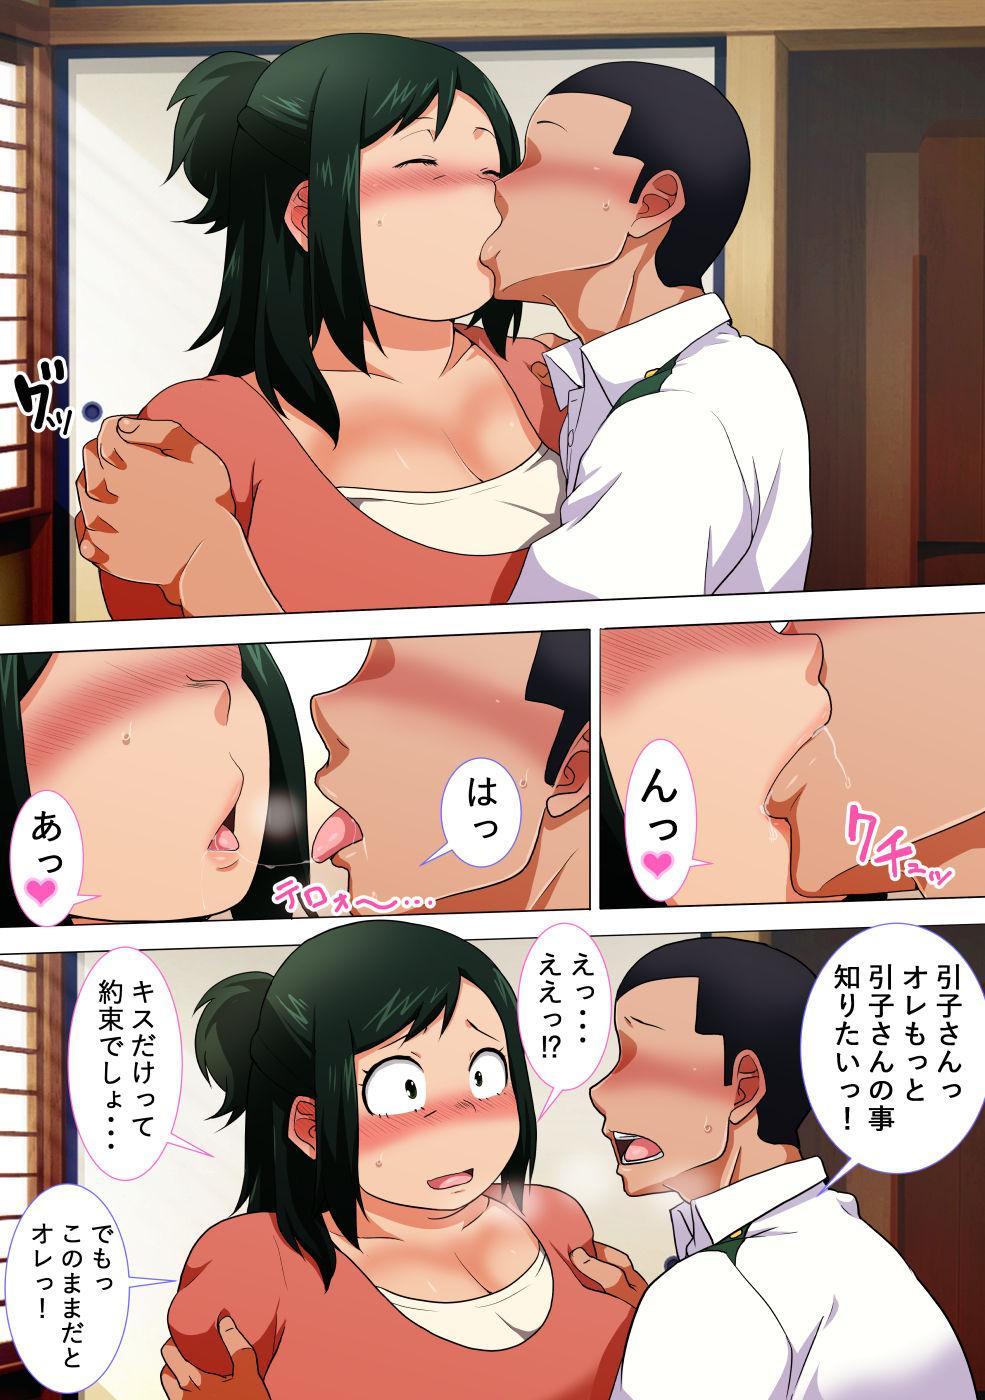 [nabe] Honara ne, Jibun ga Tsukutte miro tte Hanashi desho? !(^^)! (Boku no Hero Academia) 3